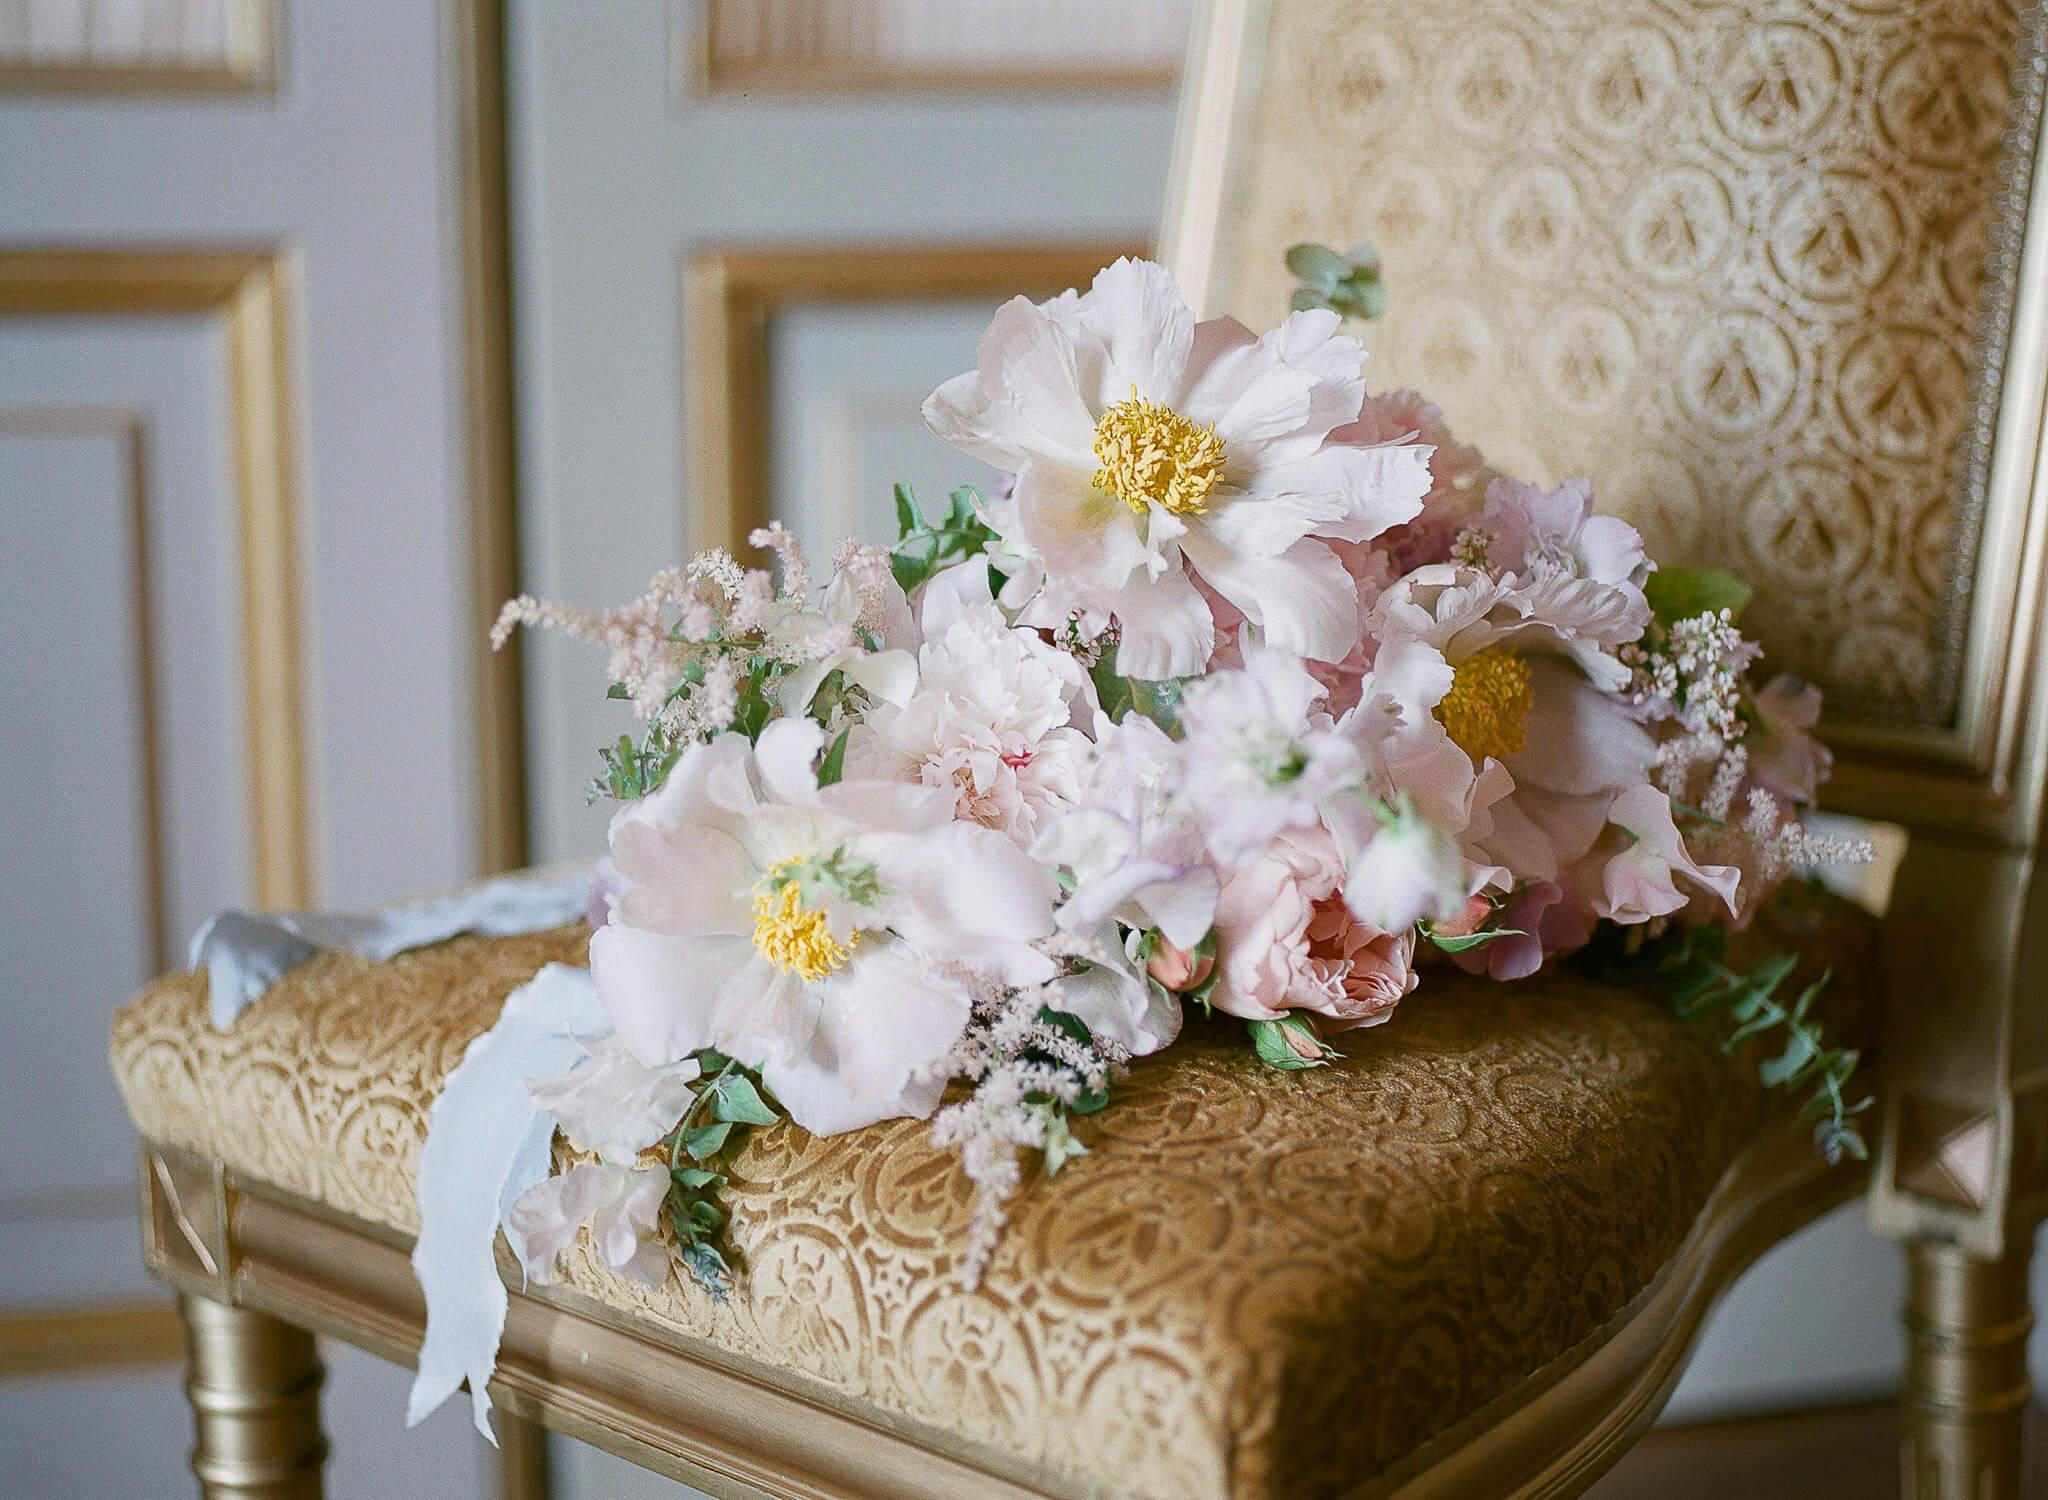 pastel-coloured floral bridal bouquet close-up by Floraison Paris by Portugal Wedding Photographer